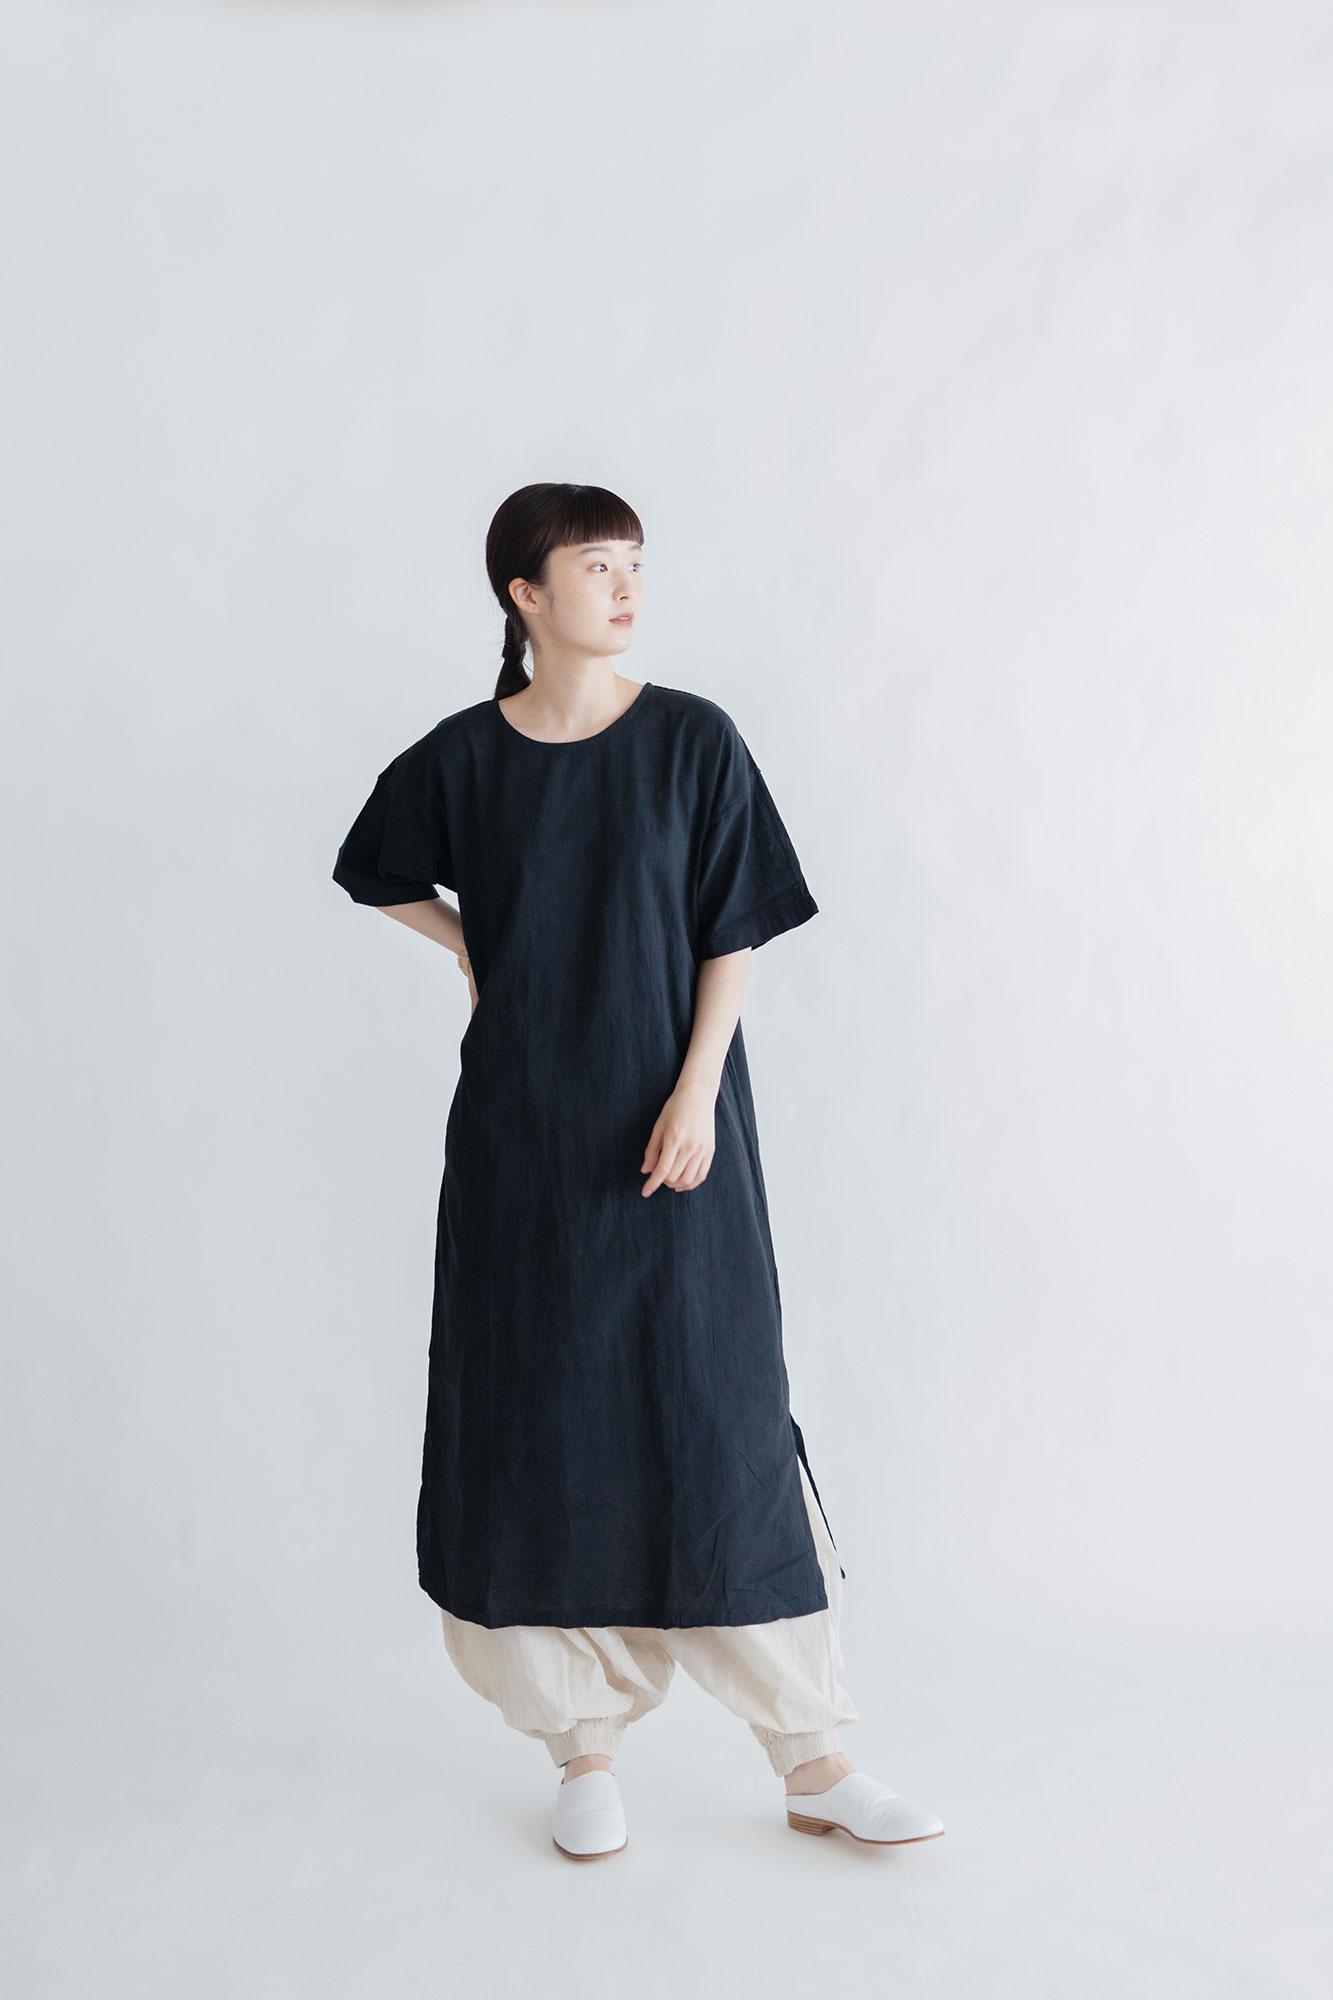 ヂェン先生の日常着 半袖ワンピース